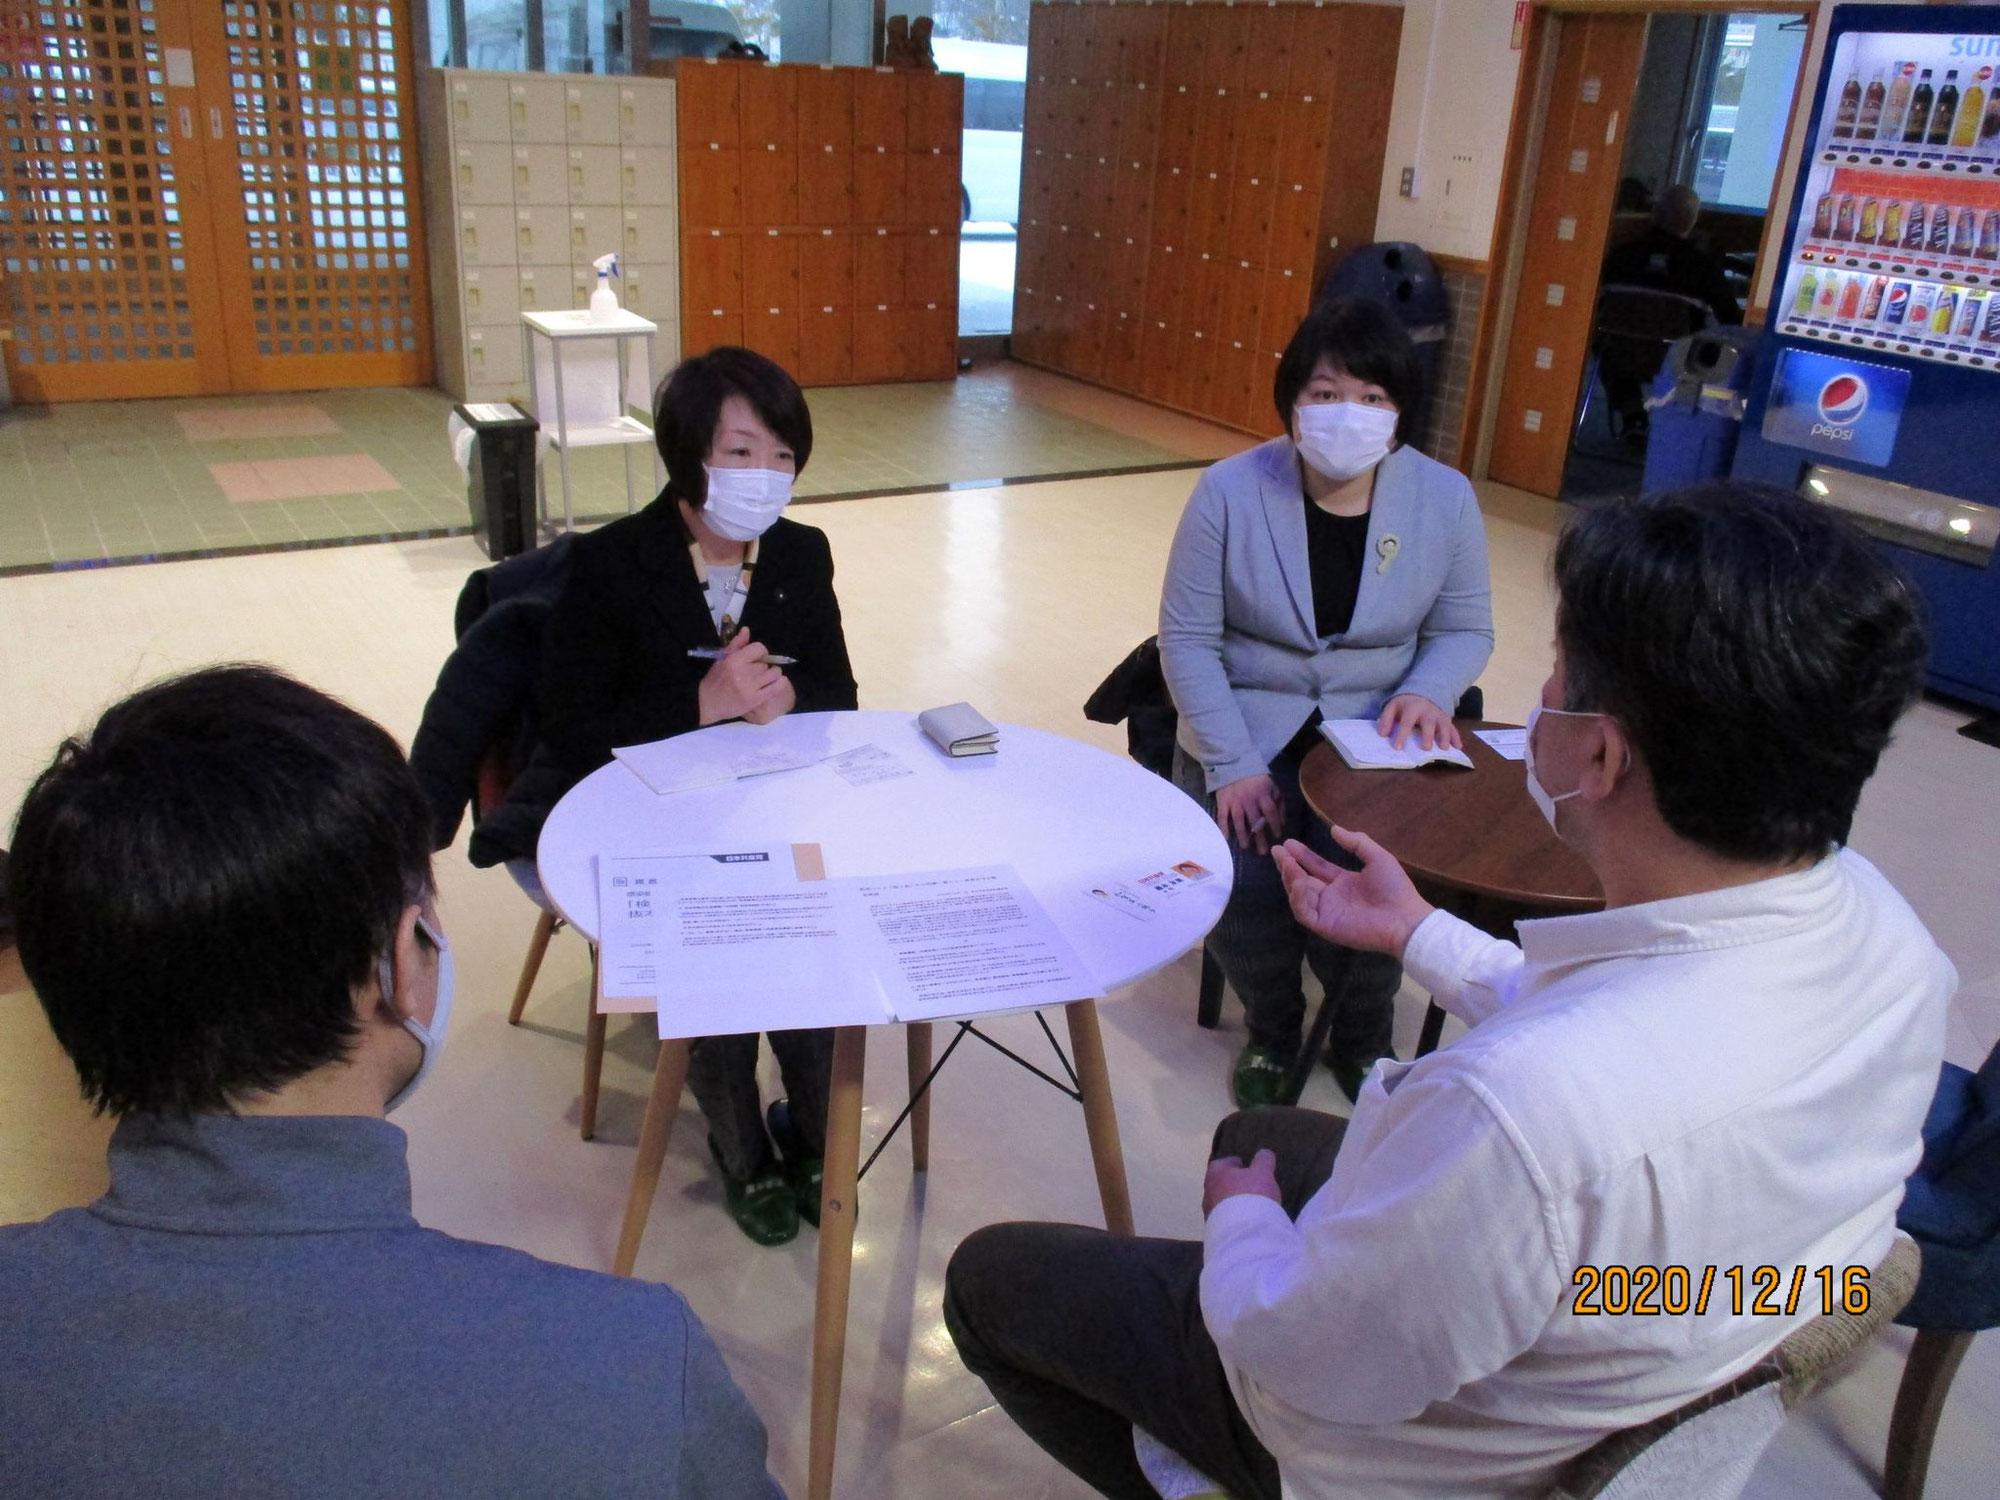 高齢者・障がい者支援施設 藤本比例候補らが懇談